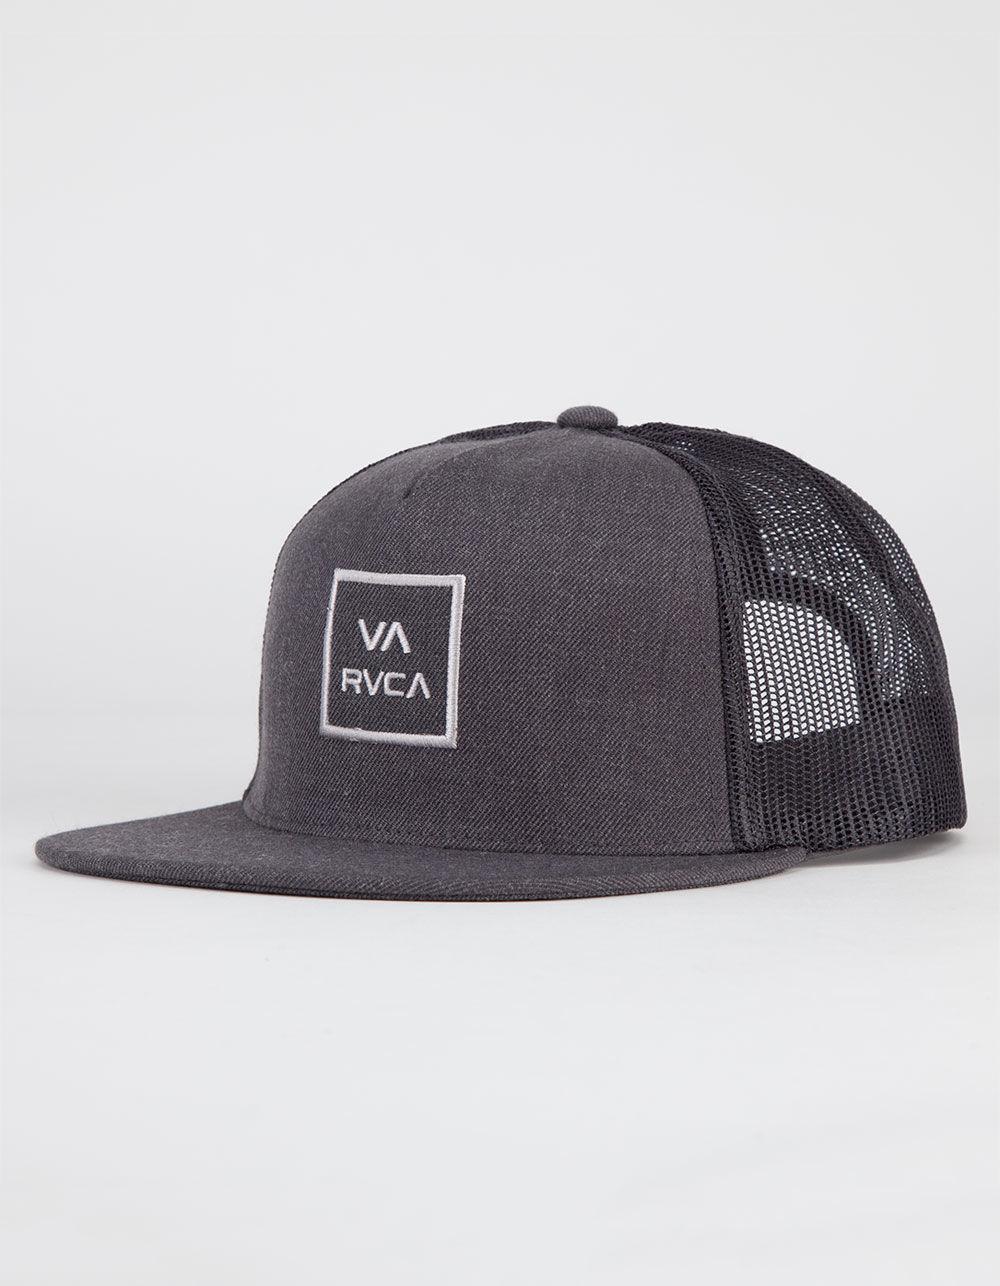 RVCA - Multicolor Va All The Way Ii Mens Trucker Hat for Men - Lyst. View  fullscreen 24e4f07f8a11